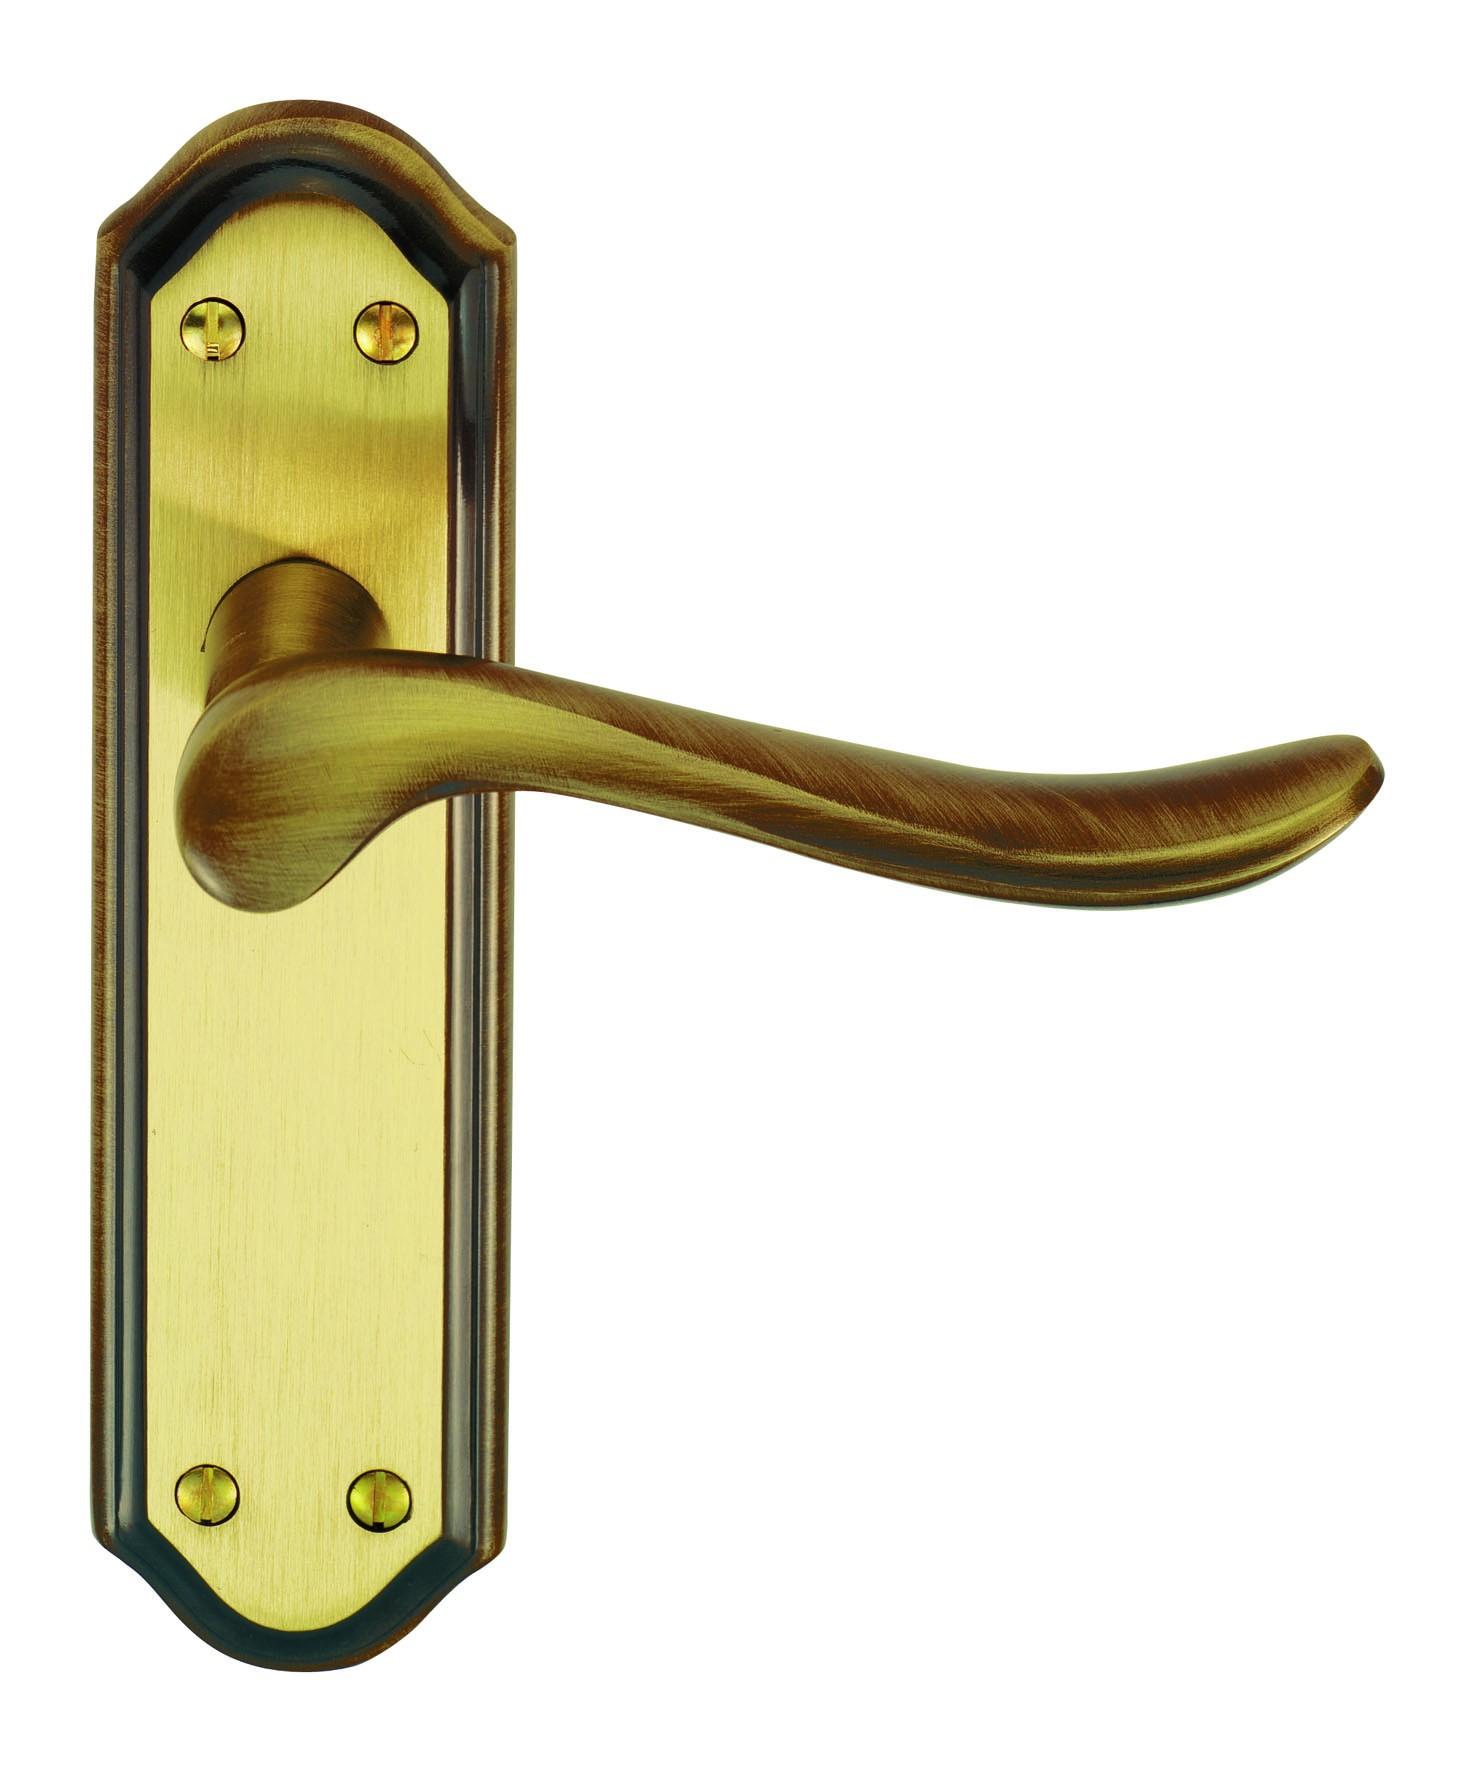 handle door knob photo - 5